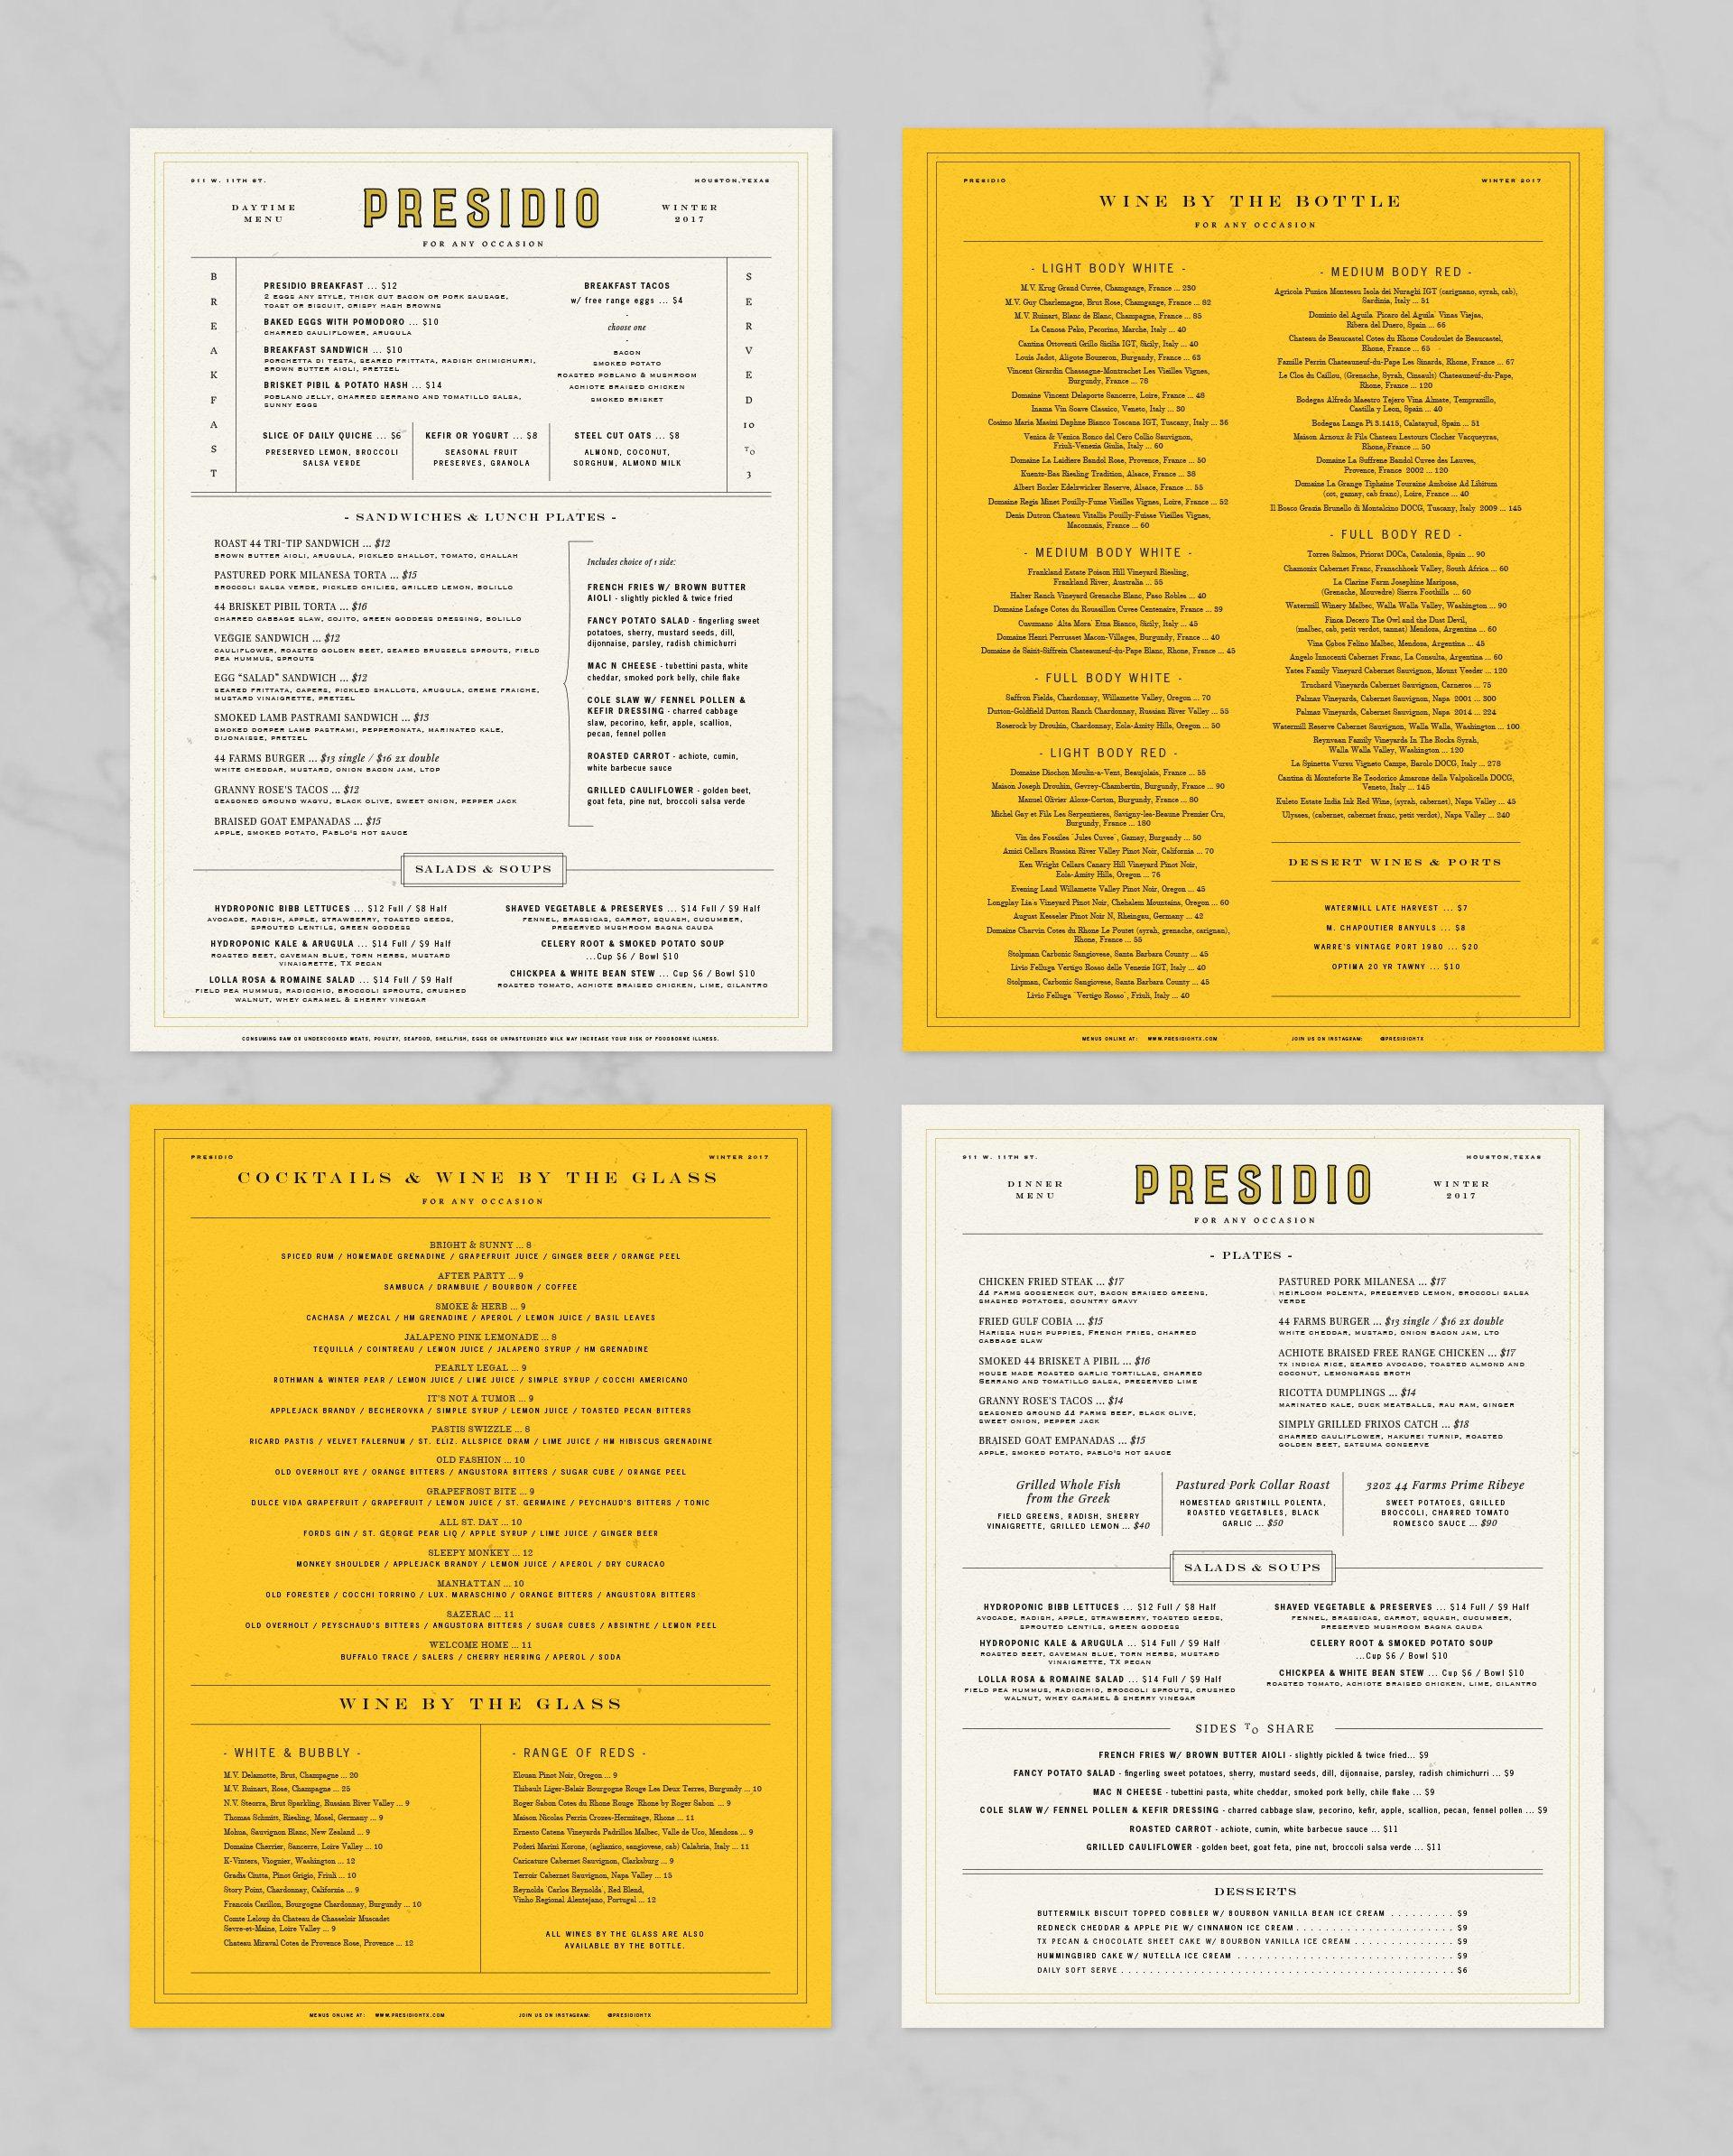 Presidio Menu Design